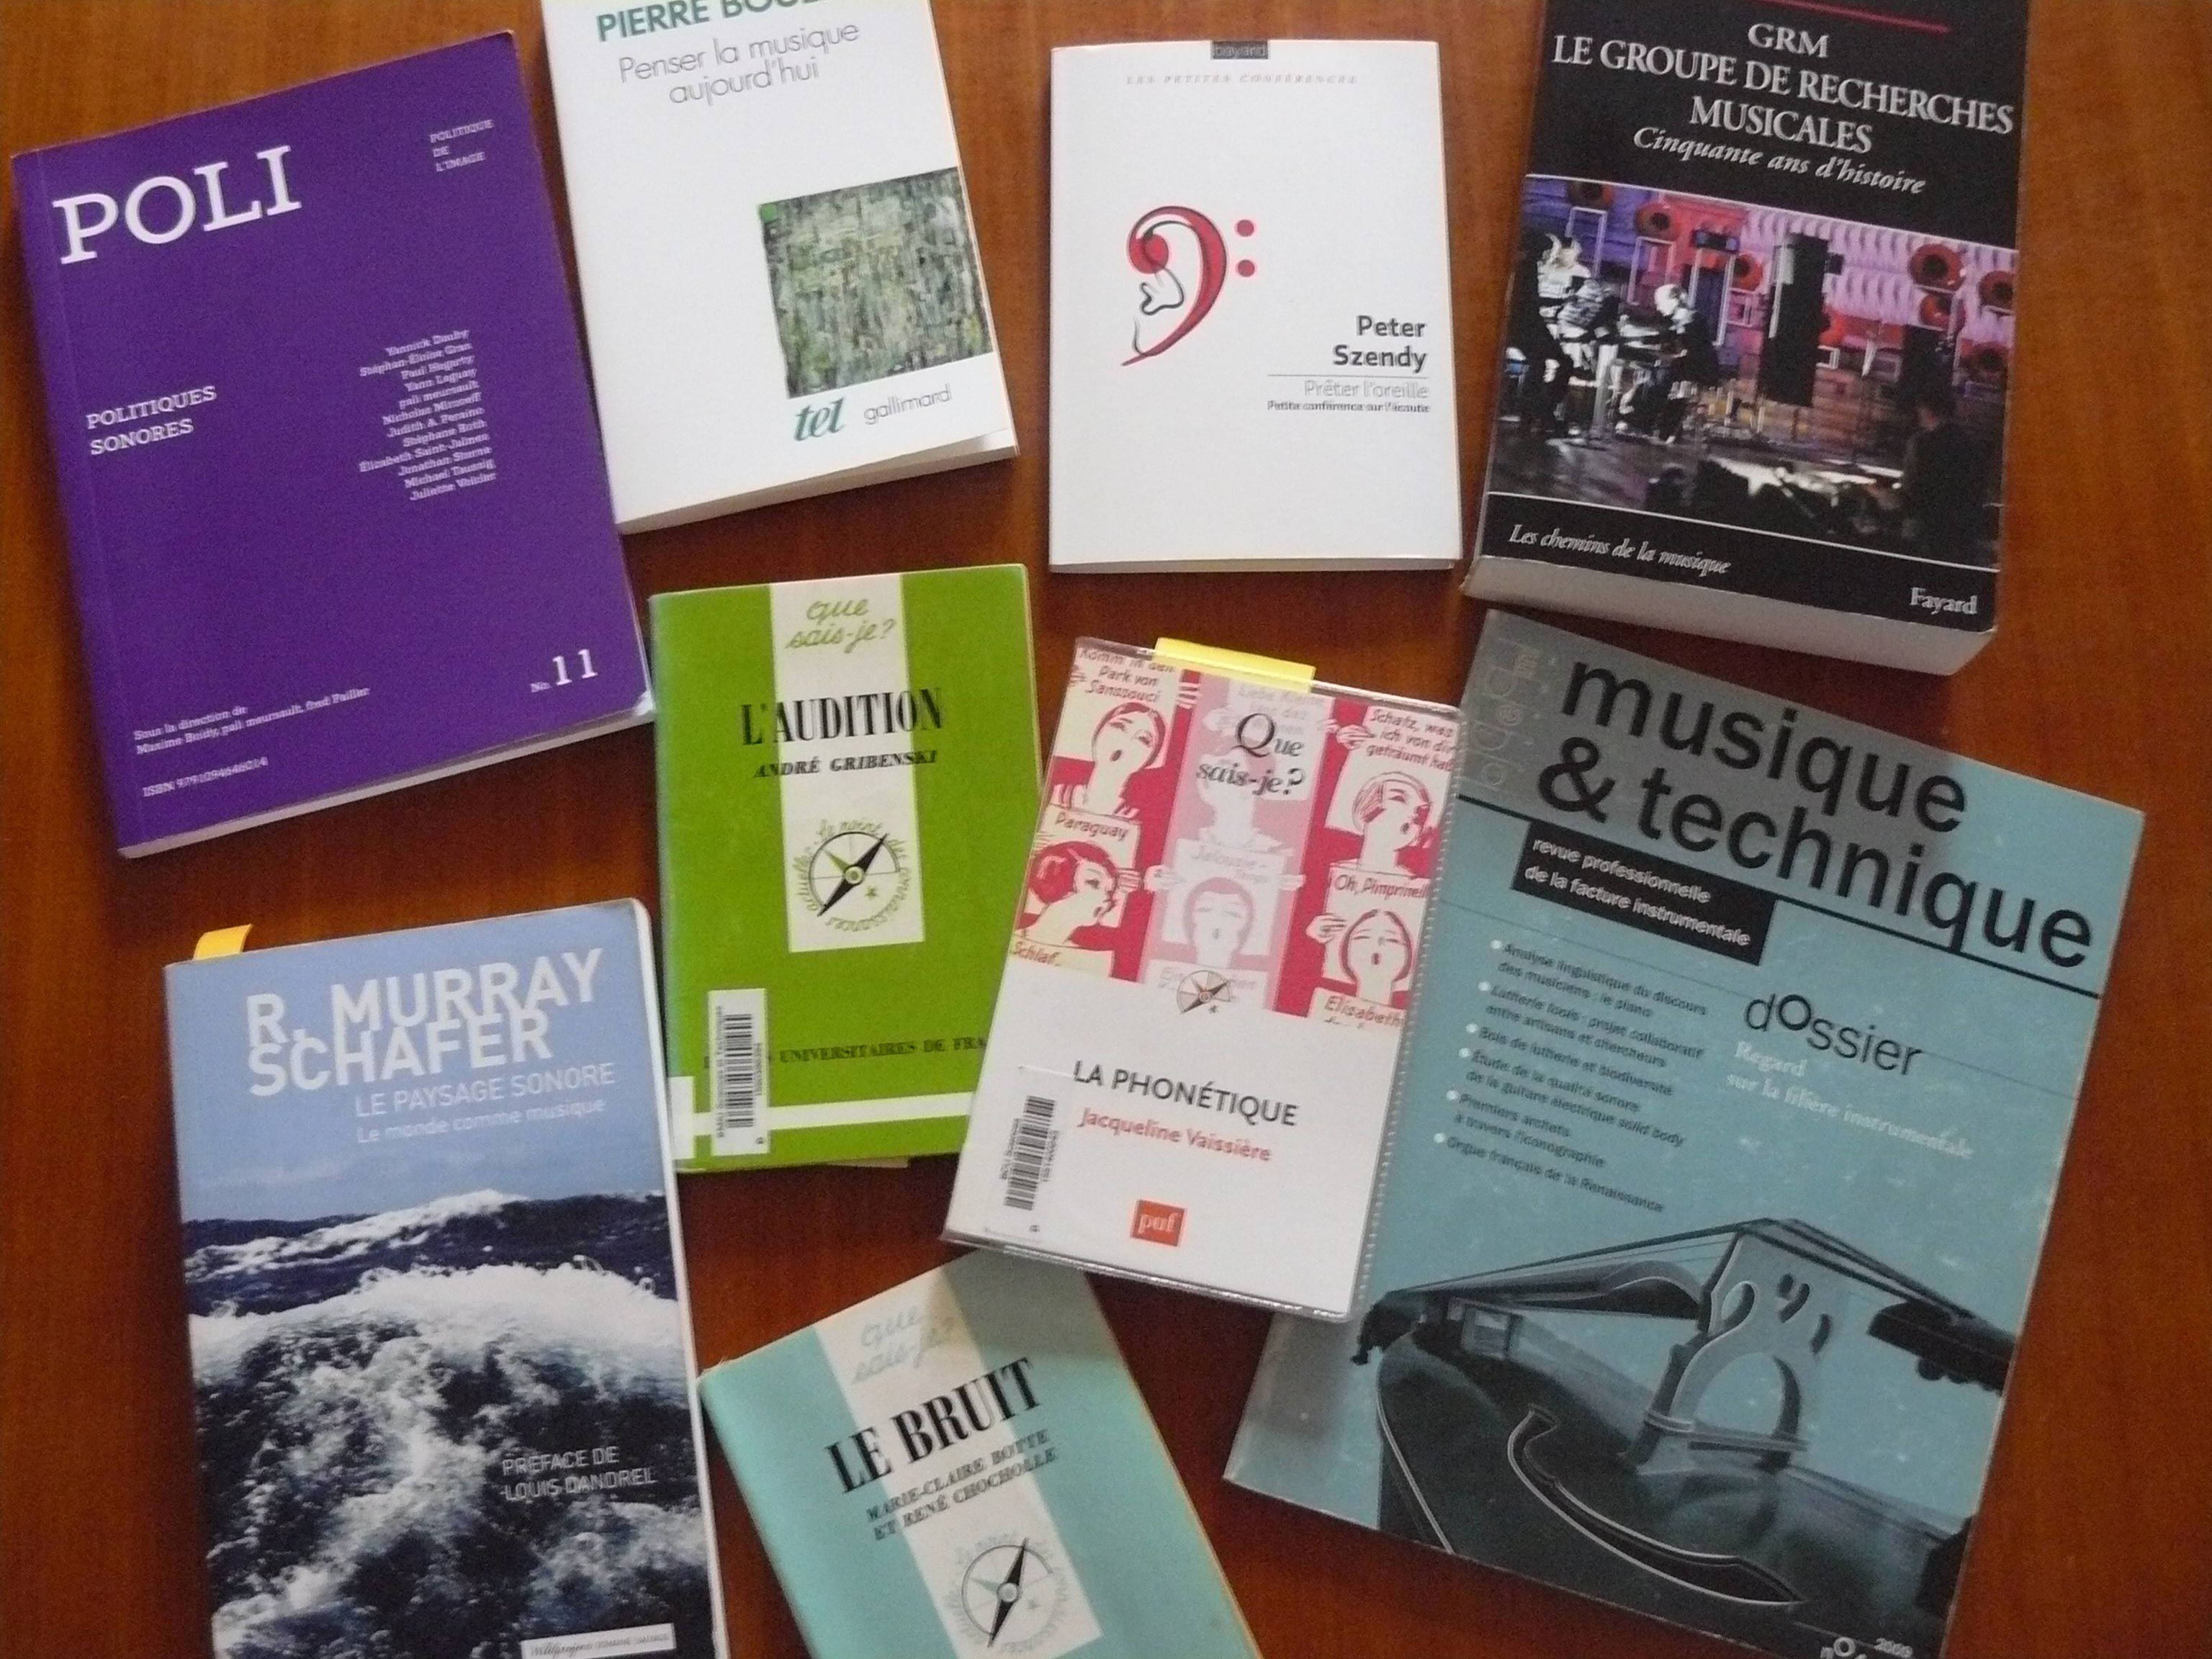 Revue de lecture: bruit, musique, sociologie